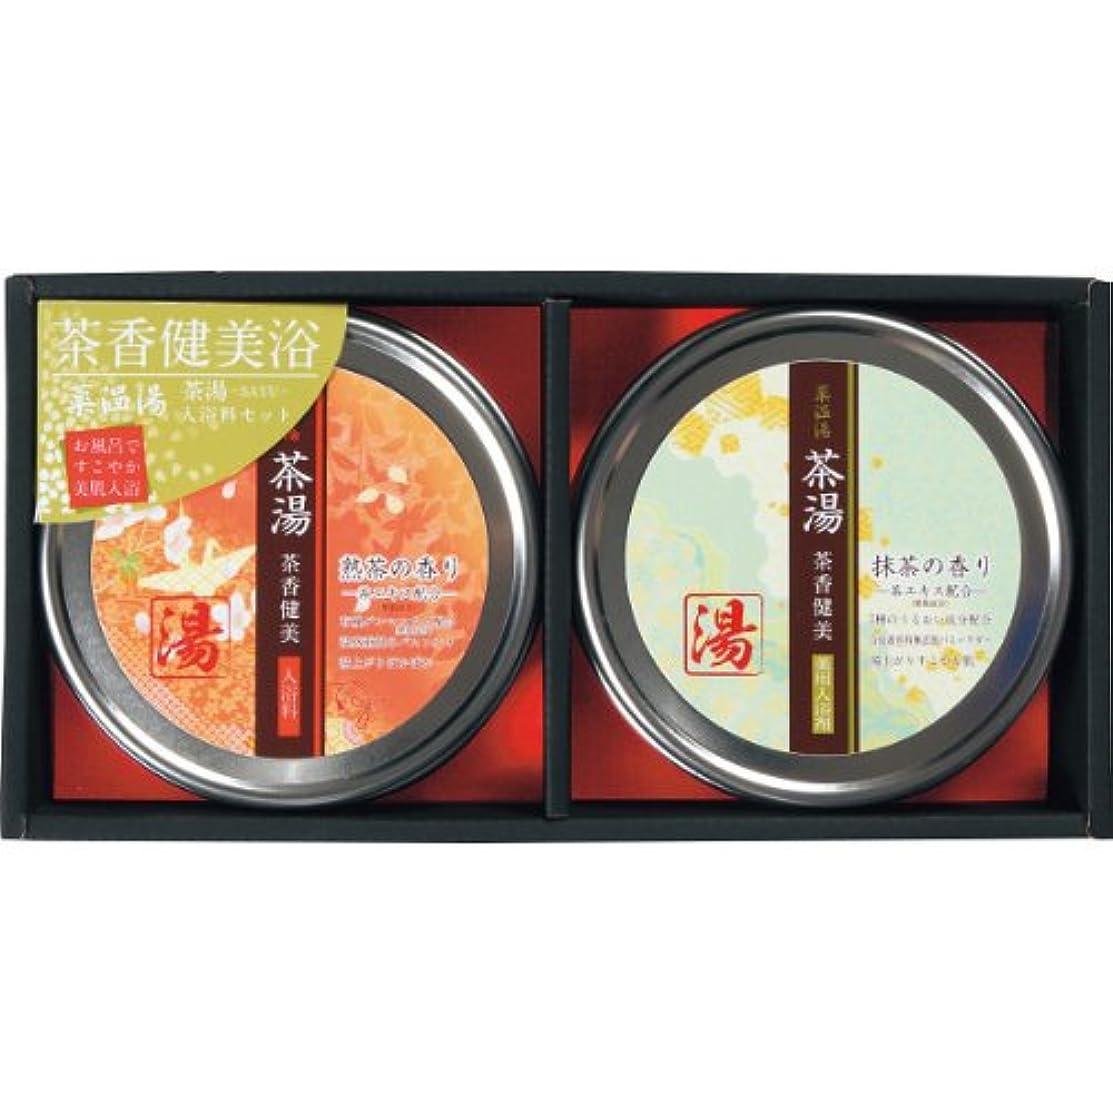 機構方程式アルカイック敬老の日 贈り物 薬温湯 茶湯ギフトセット(SD)